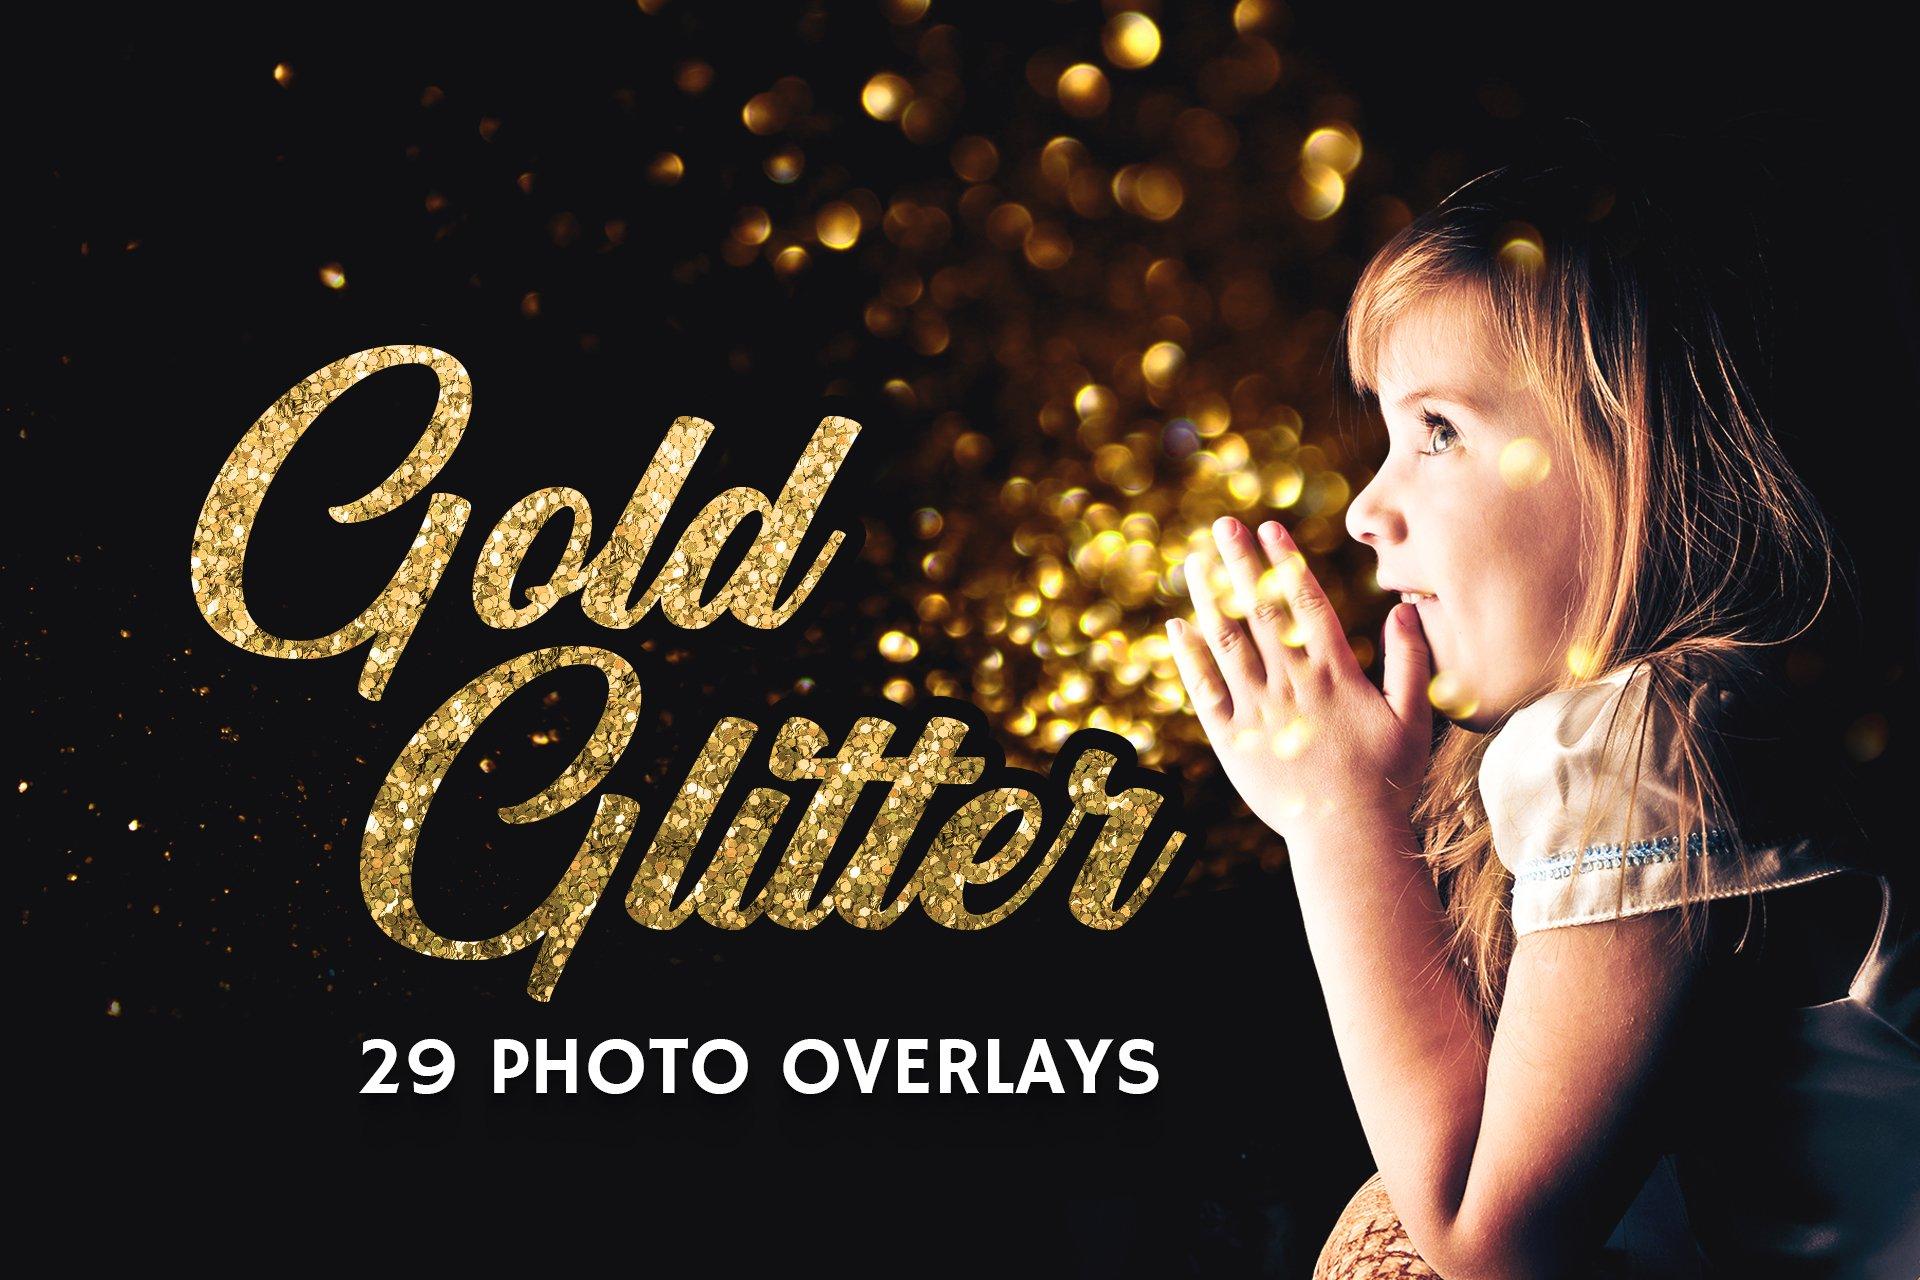 33款高清吹闪光照片叠加层JPG图片素材29 Blowing Glitter Photo Overlays插图